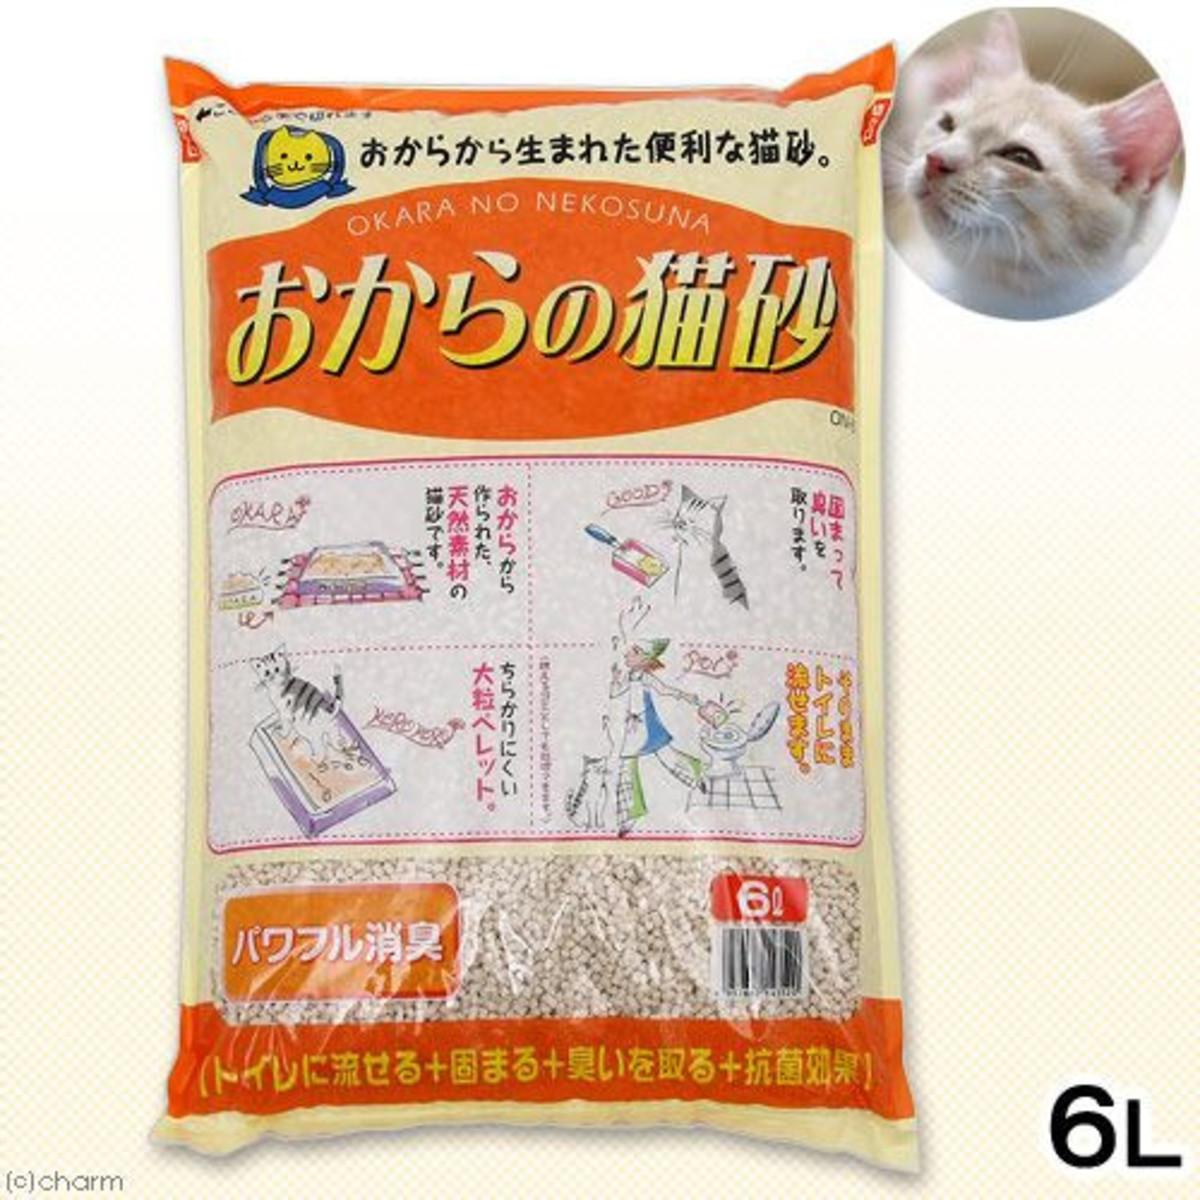 【豆腐貓砂】日本Hitachi豆腐貓砂 橙色原味 6L